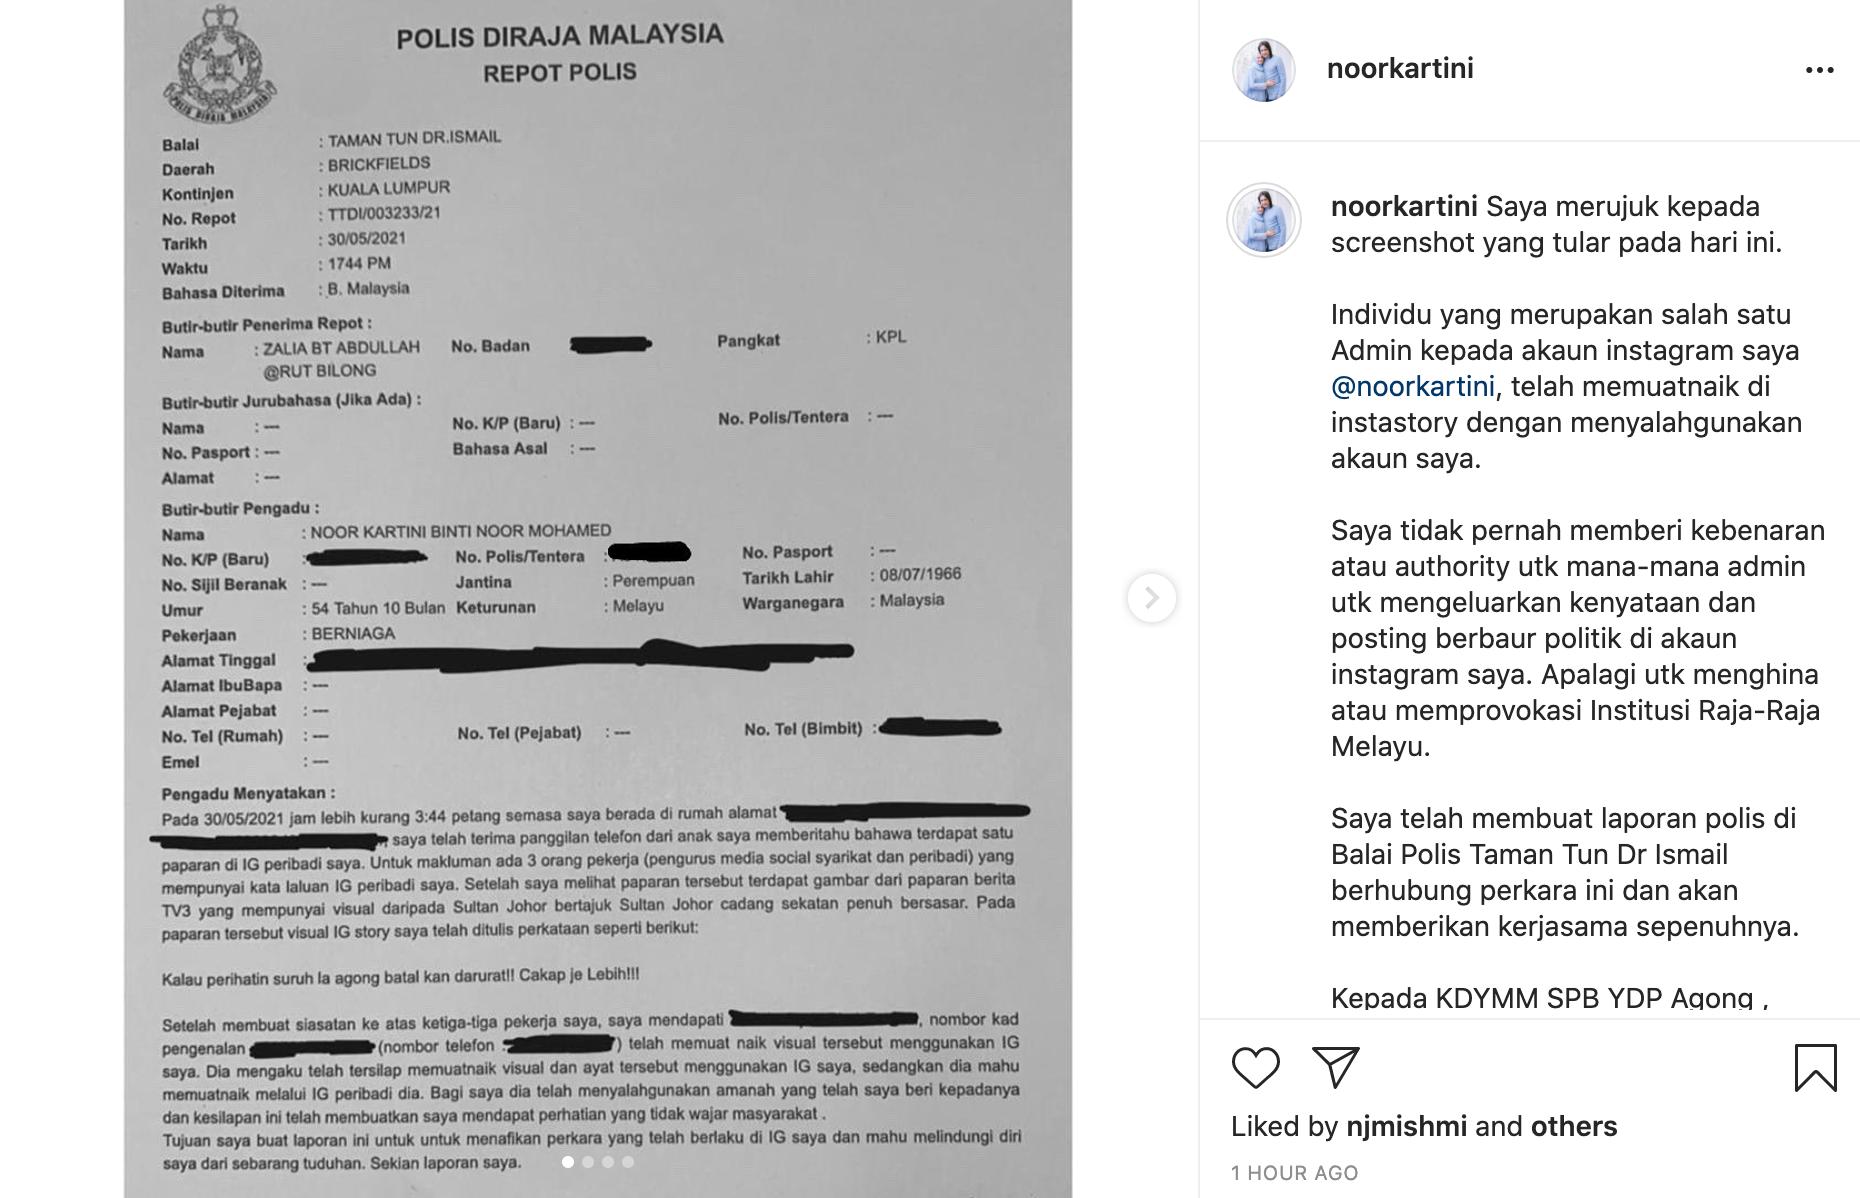 'Saya Tak Ada Niat Nak Susahkan Datin' – Pekerja Mak Neelofa Mohon Maaf Kes IG Story 4